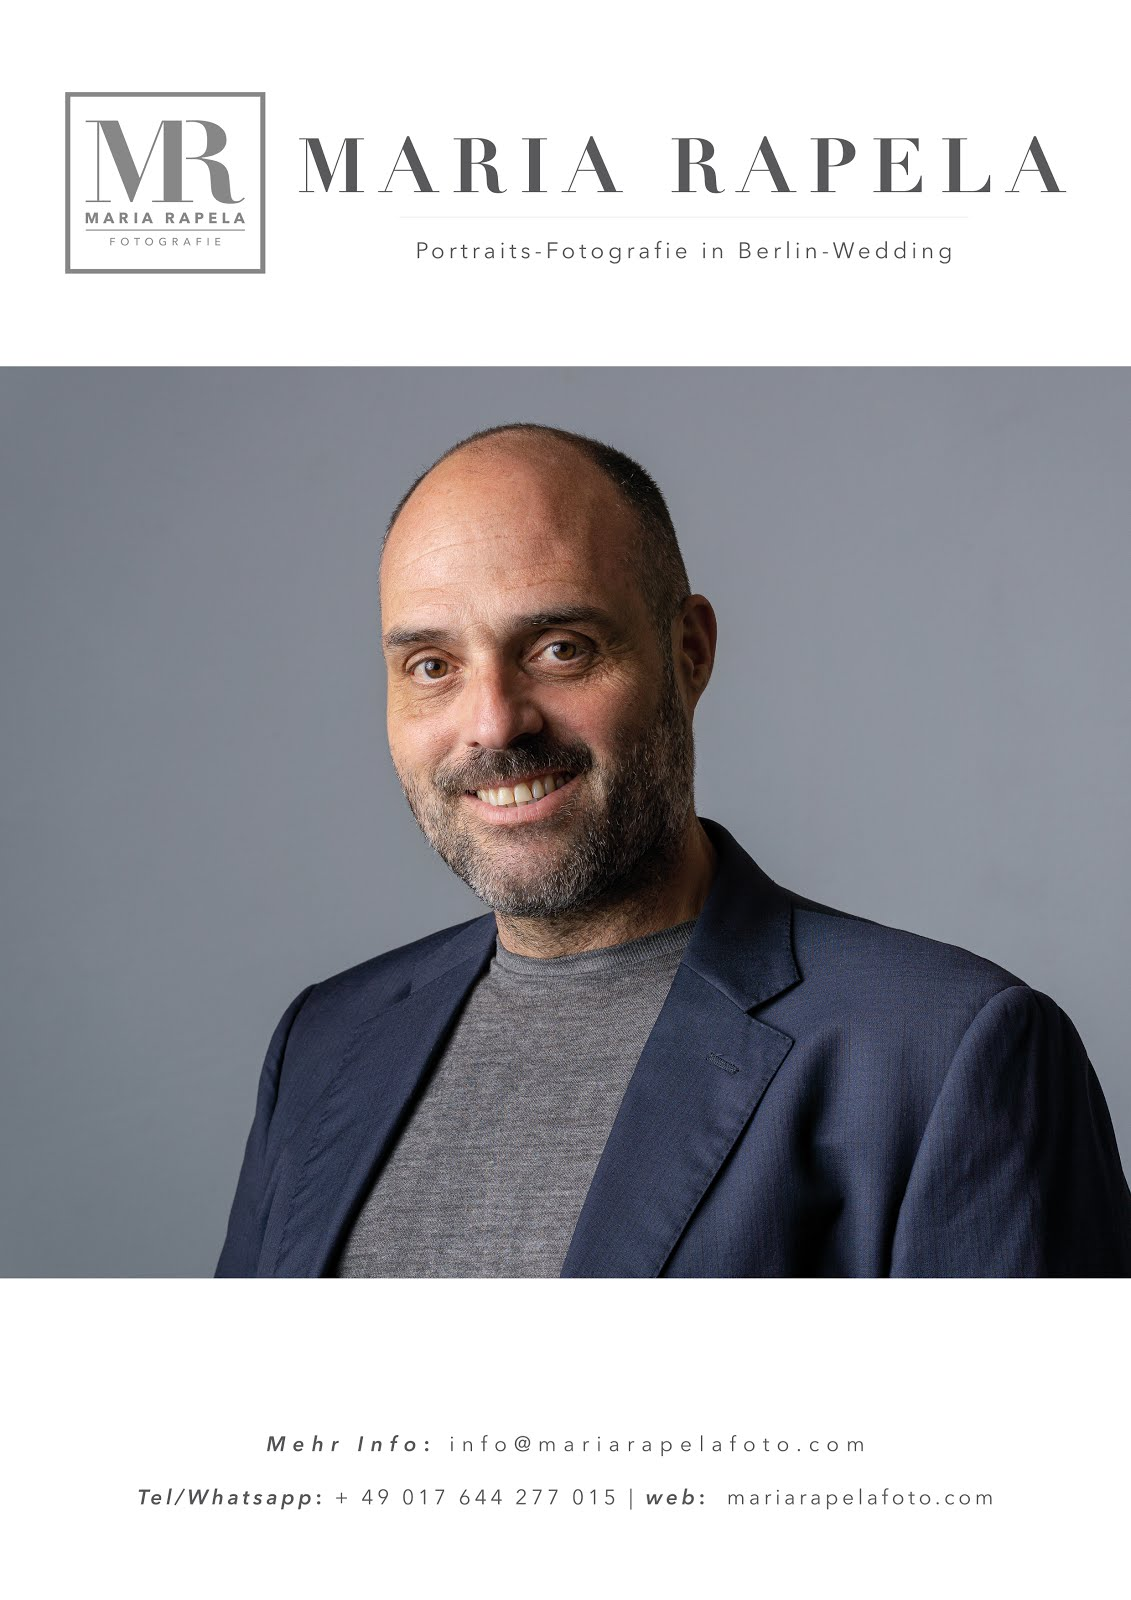 Bewerbungsfoto - Businessfoto - Fotografía con personalidad